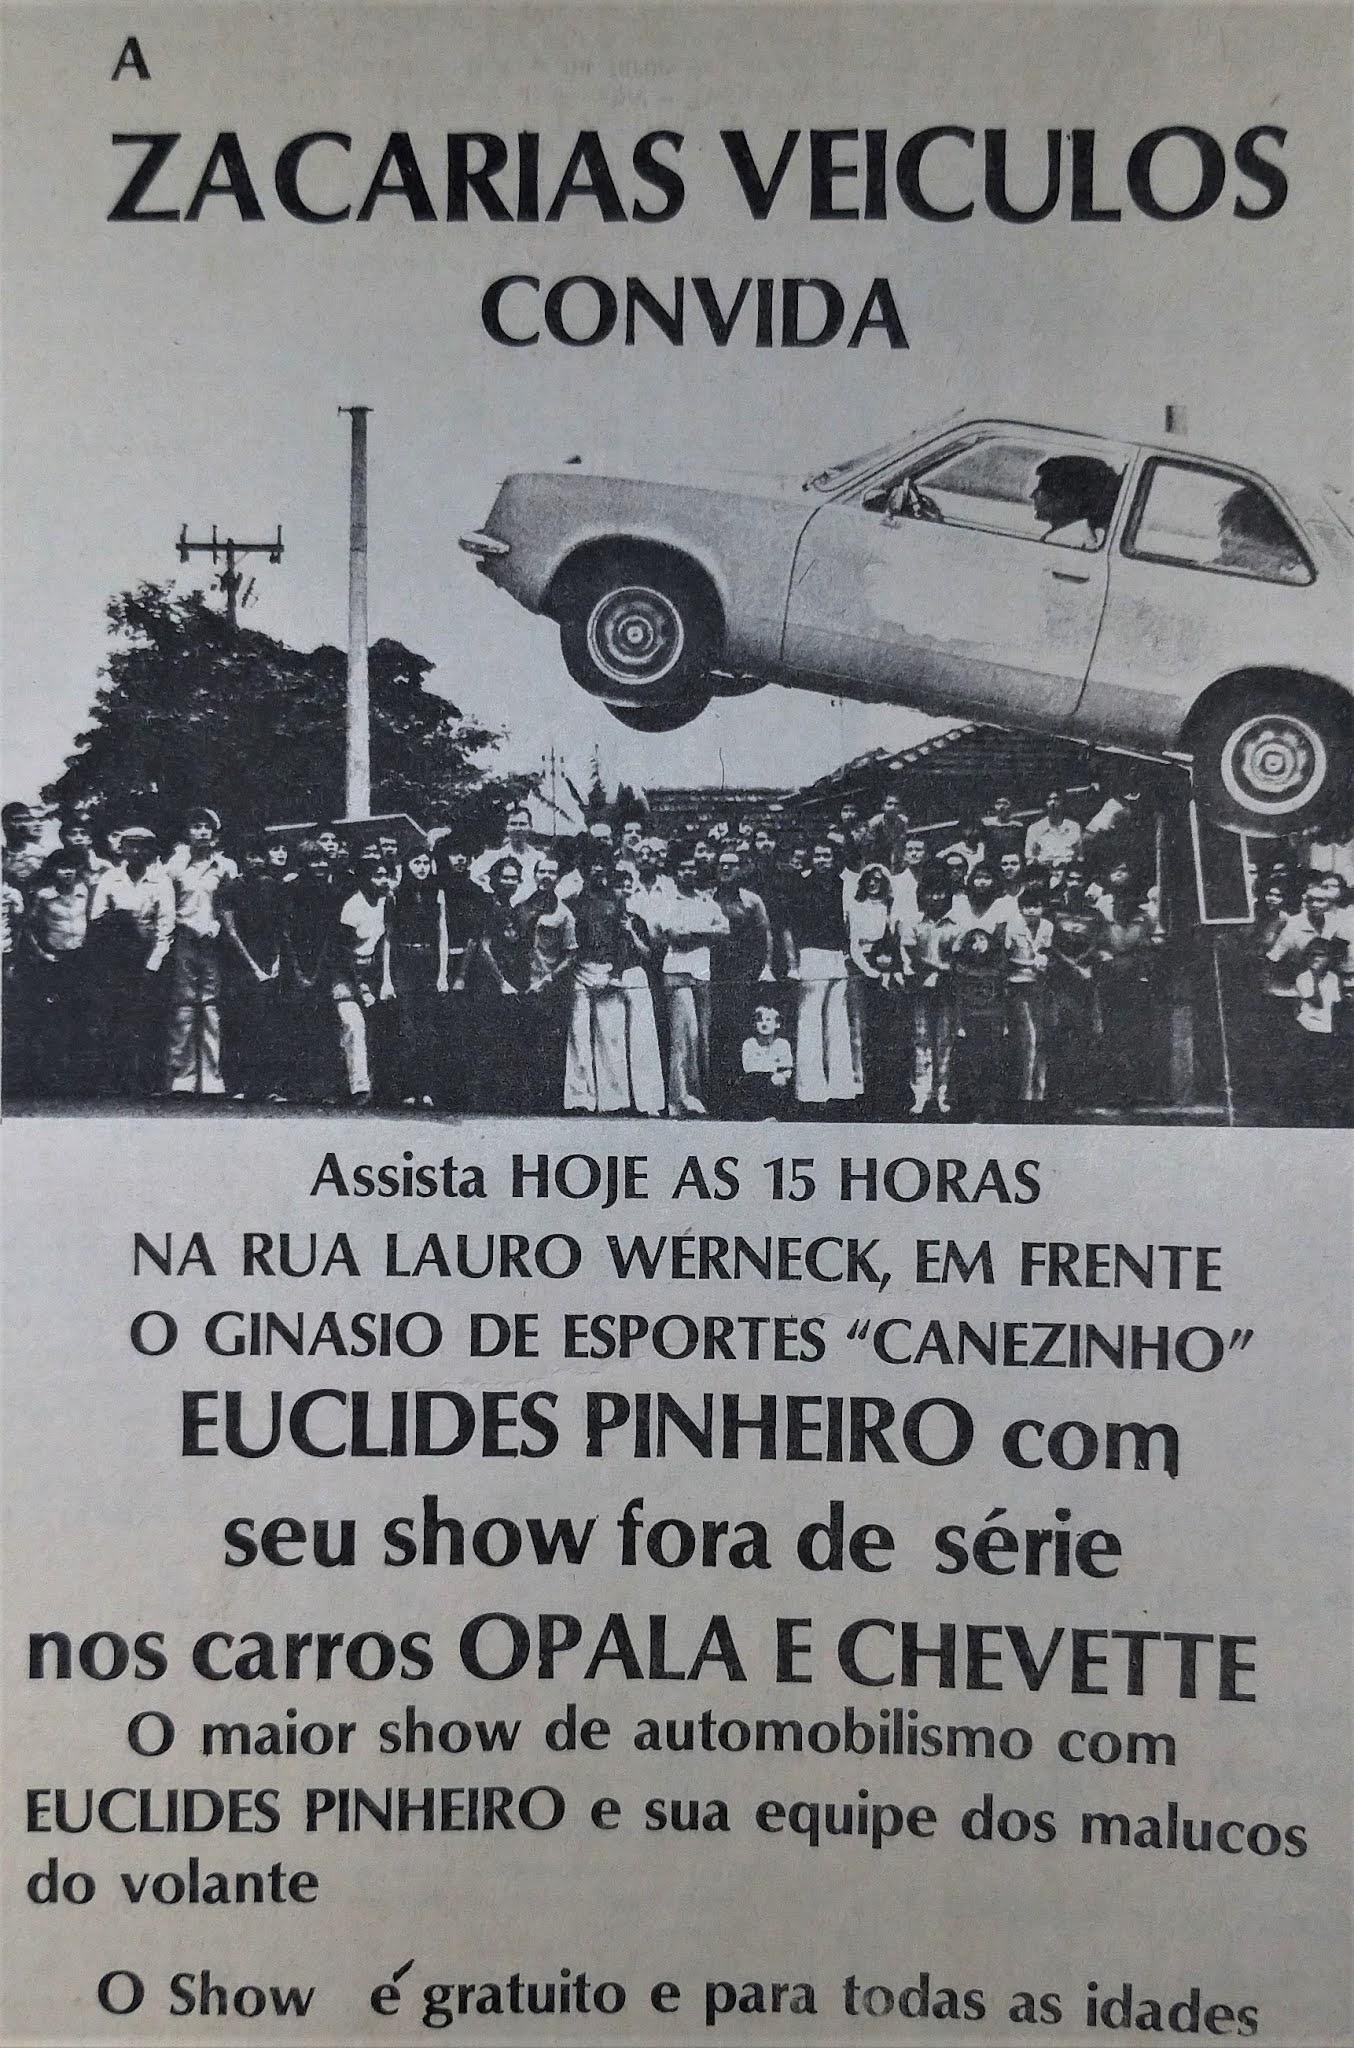 Show de automobilismo da Zacarias - 1978